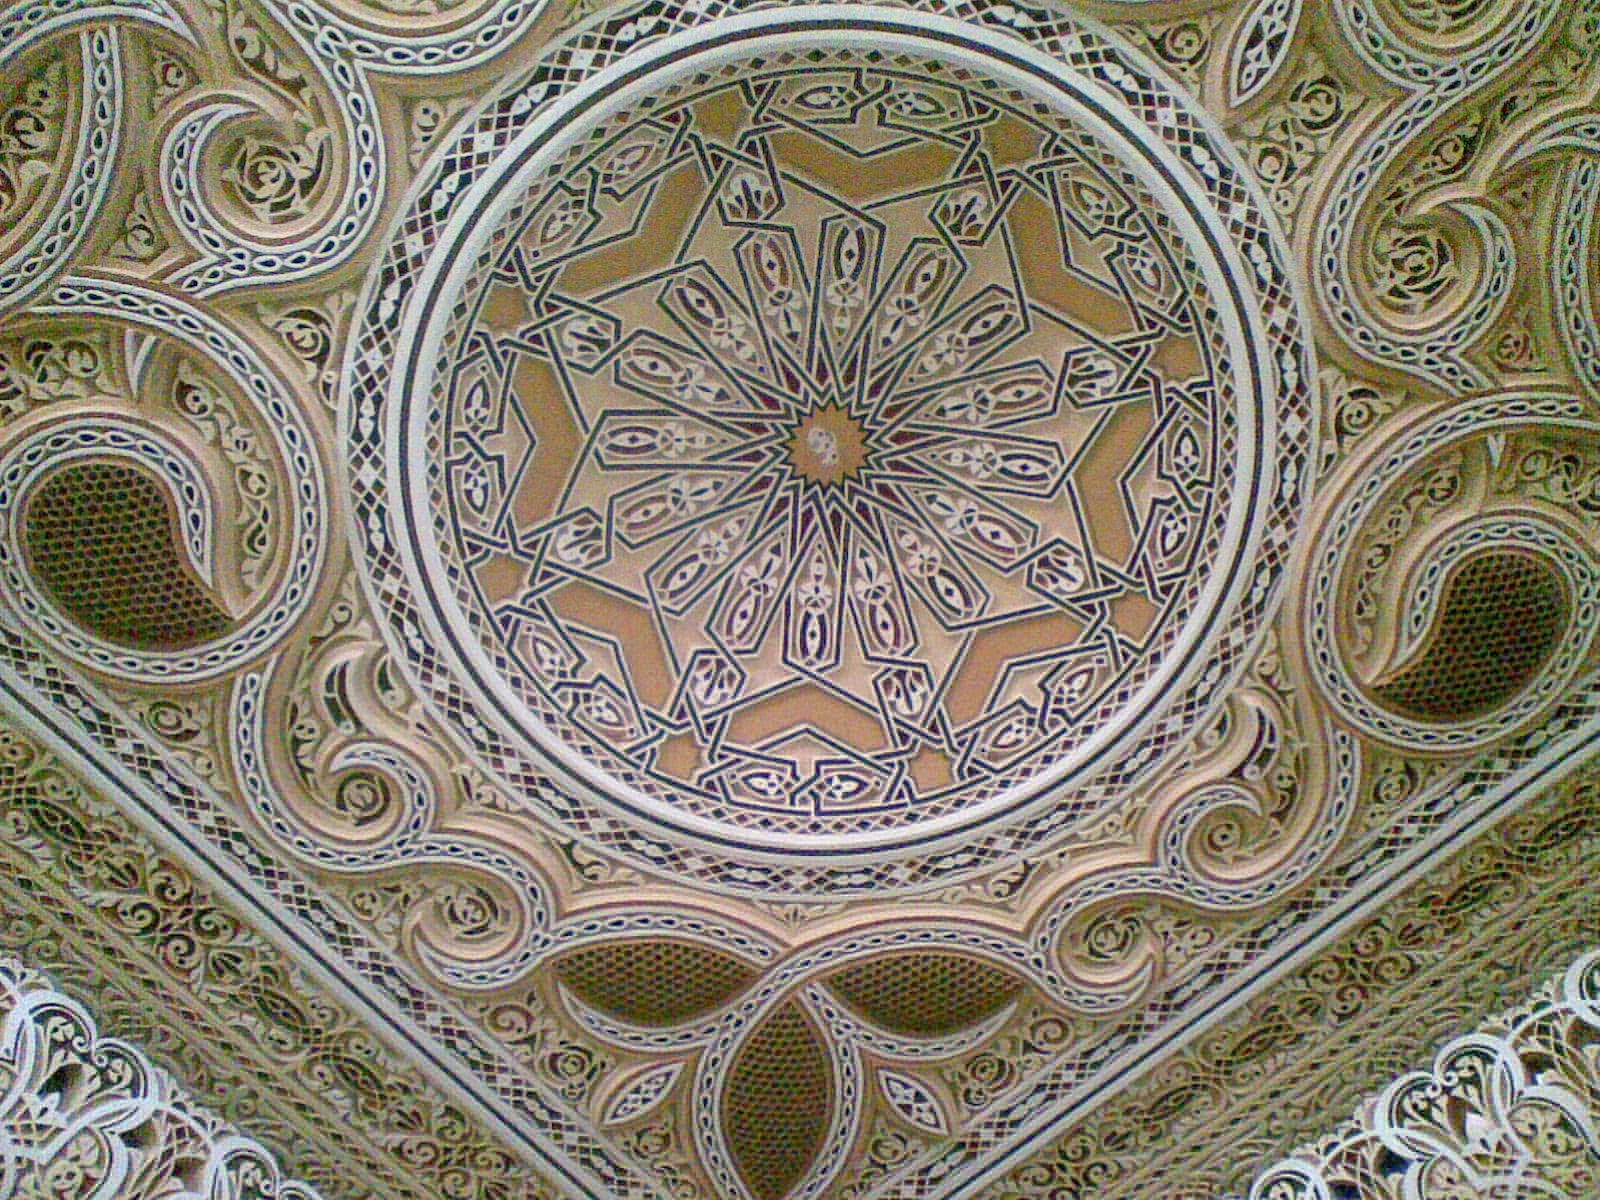 Tous les types de platre et de la d coration marocaine for Decoration gypse marocain